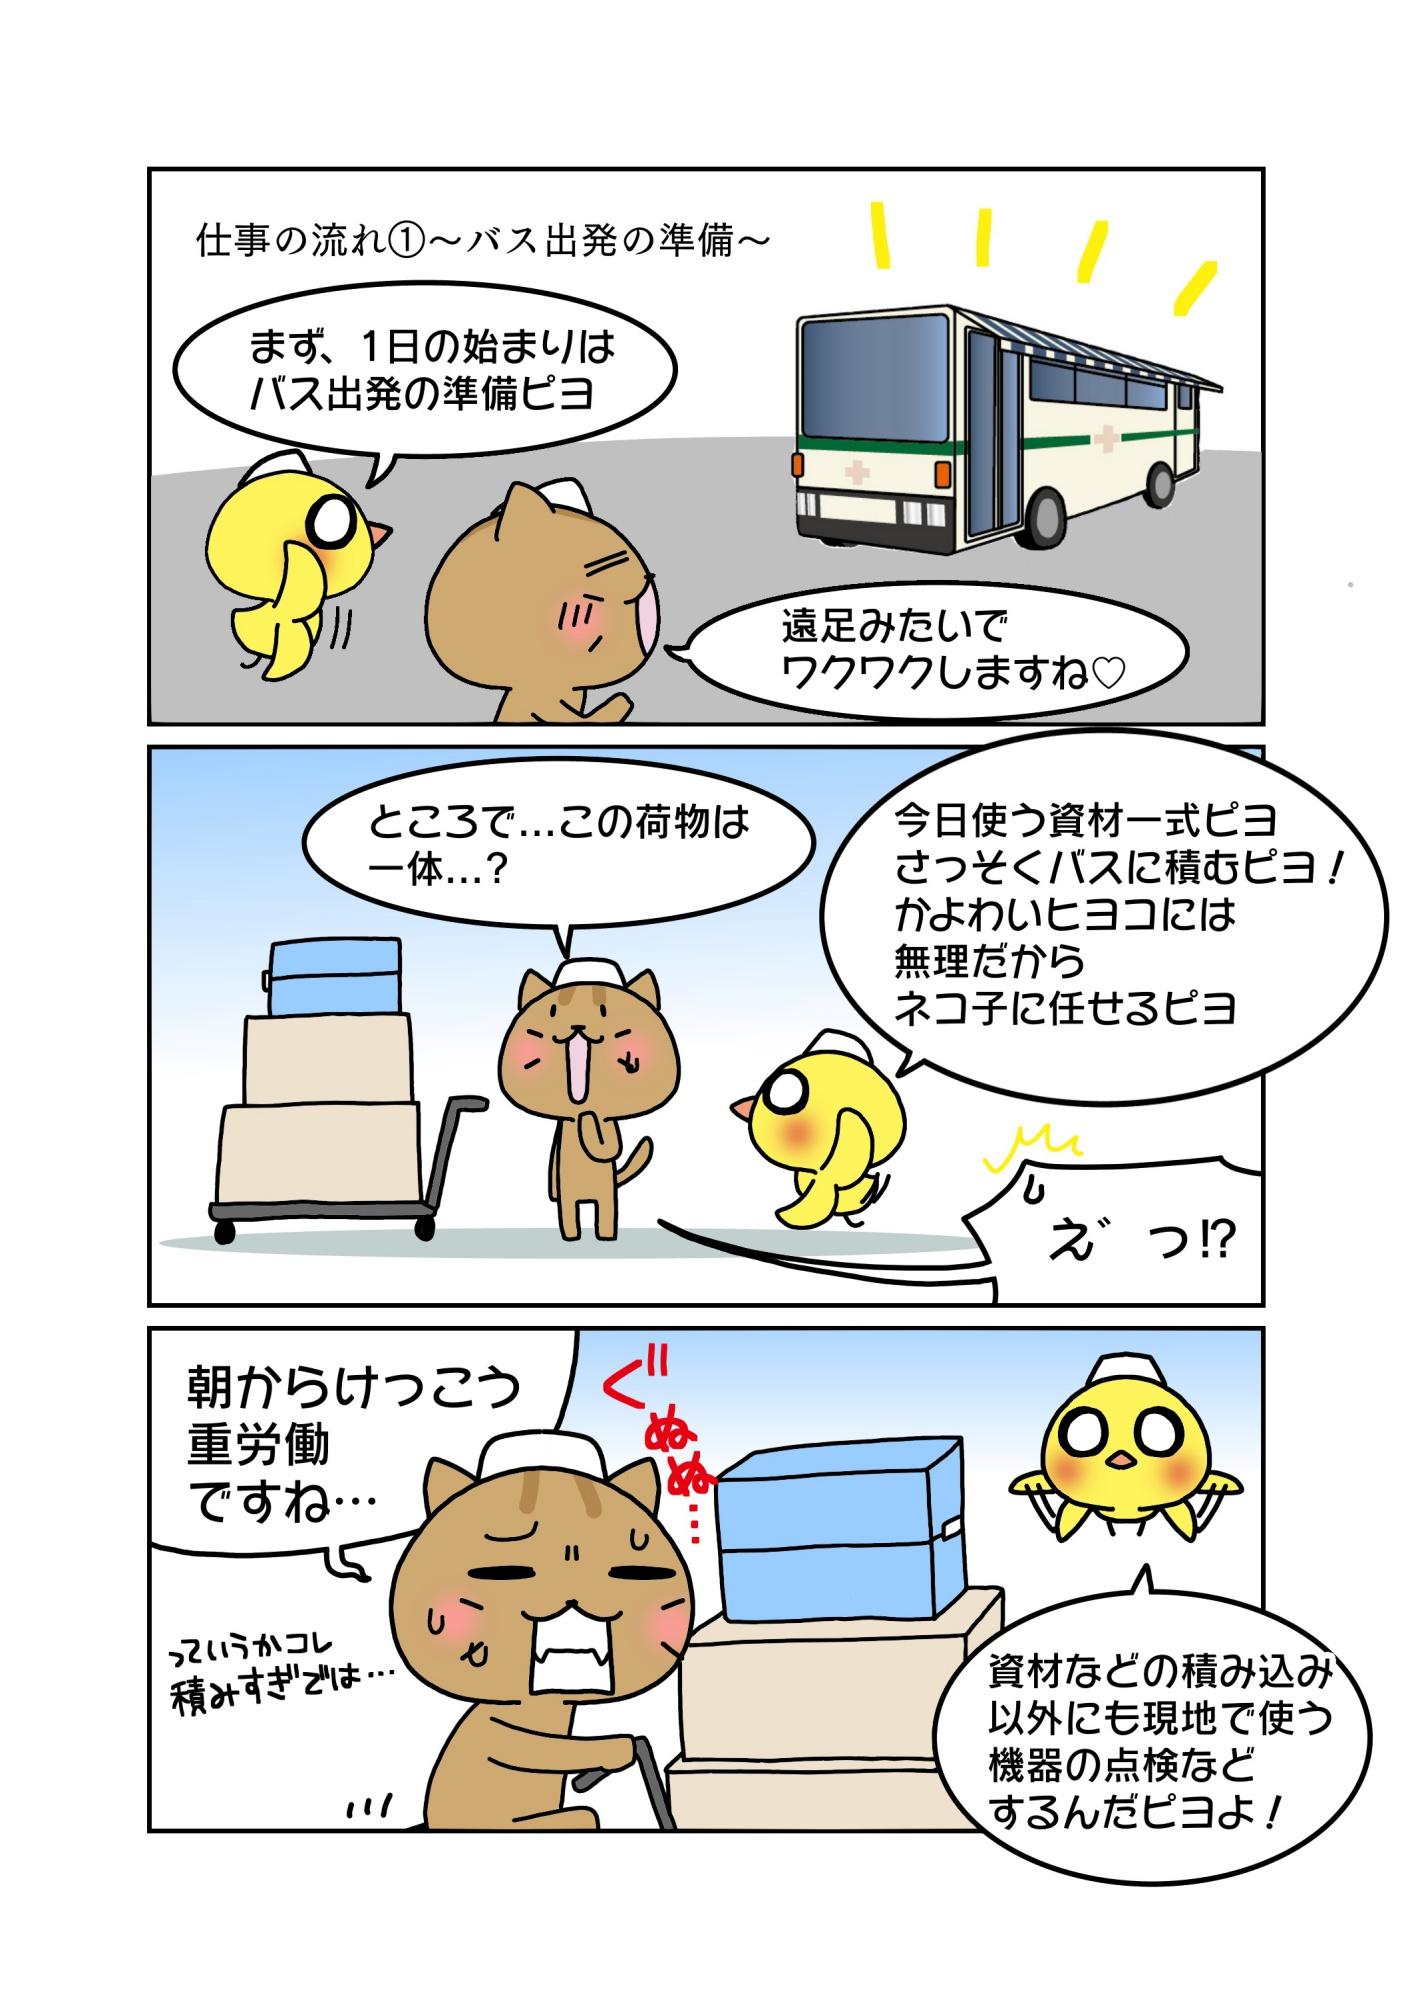 「仕事の流れ① バス出発の準備」マンガ